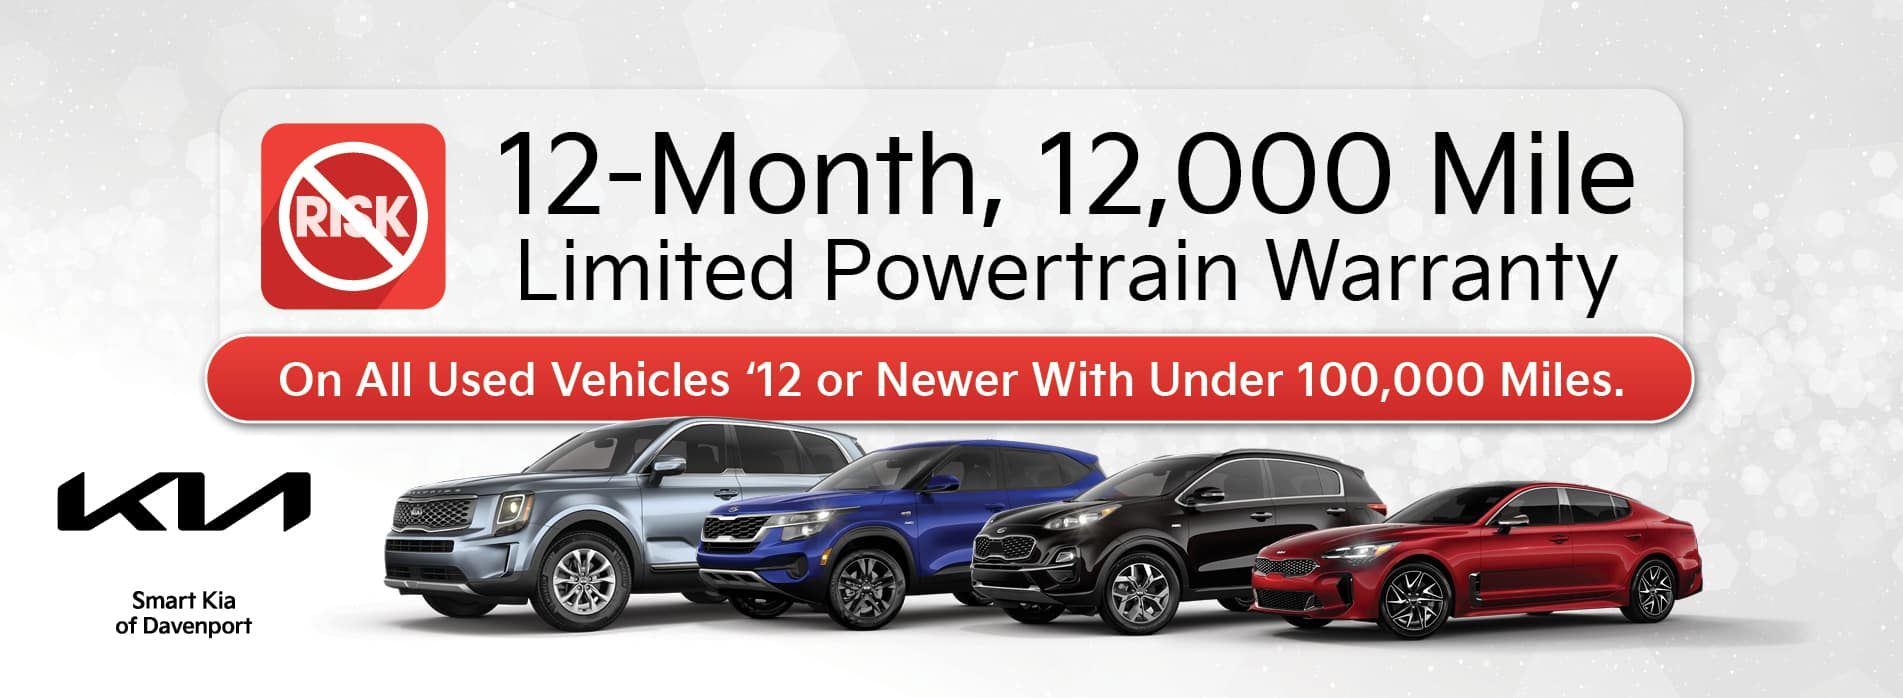 Powertrain Limited Warranty